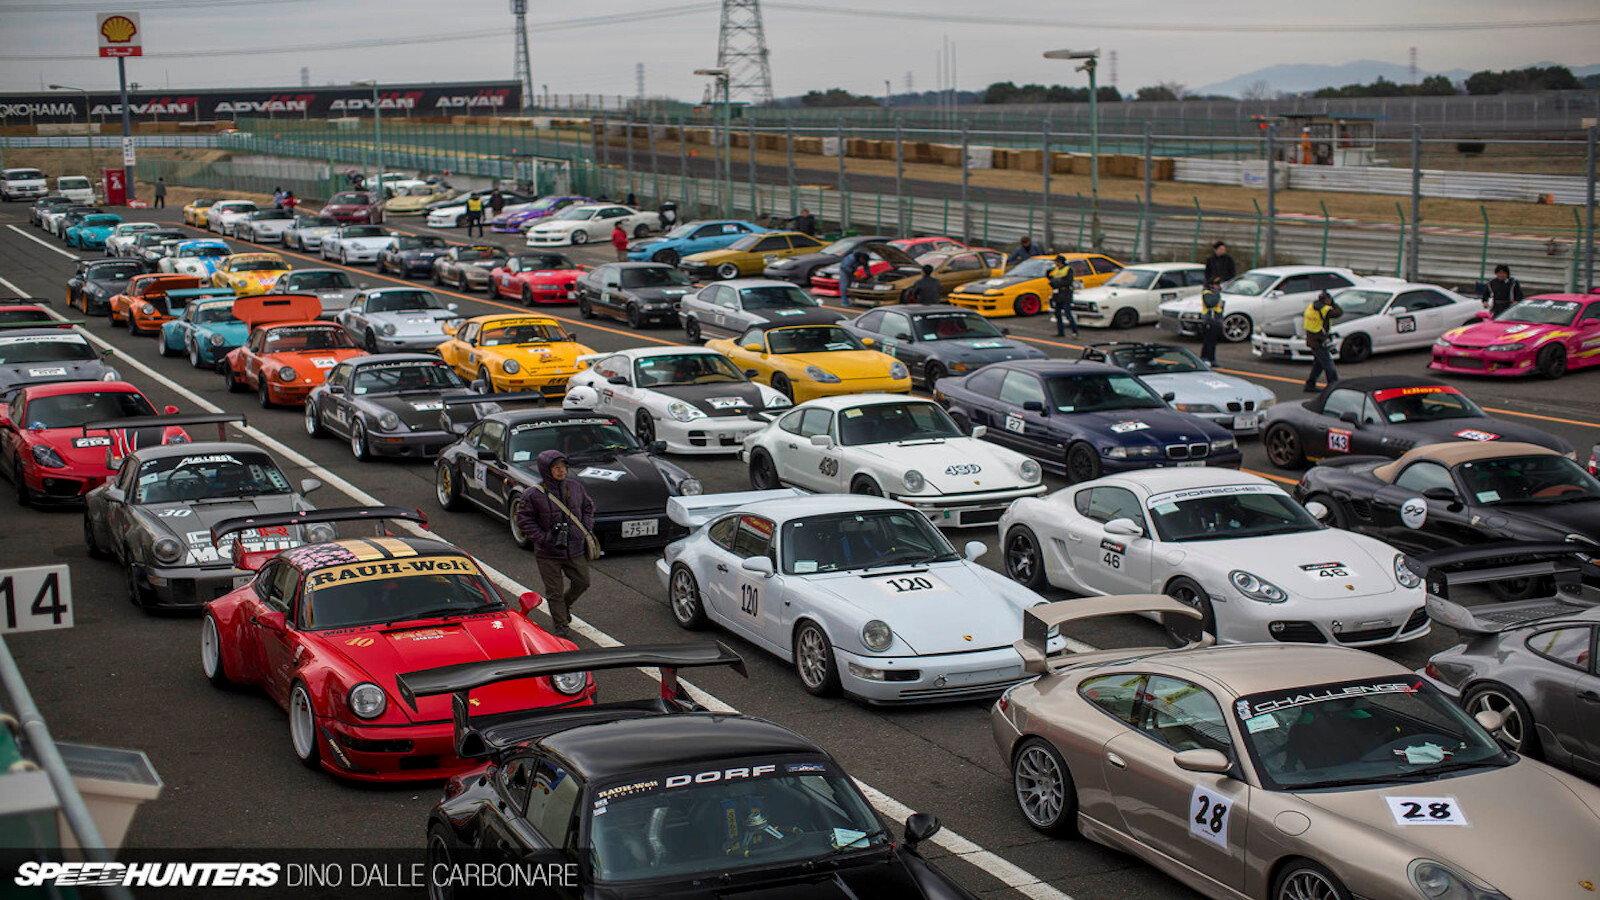 Idlers Converge on Tsukuba Circuit